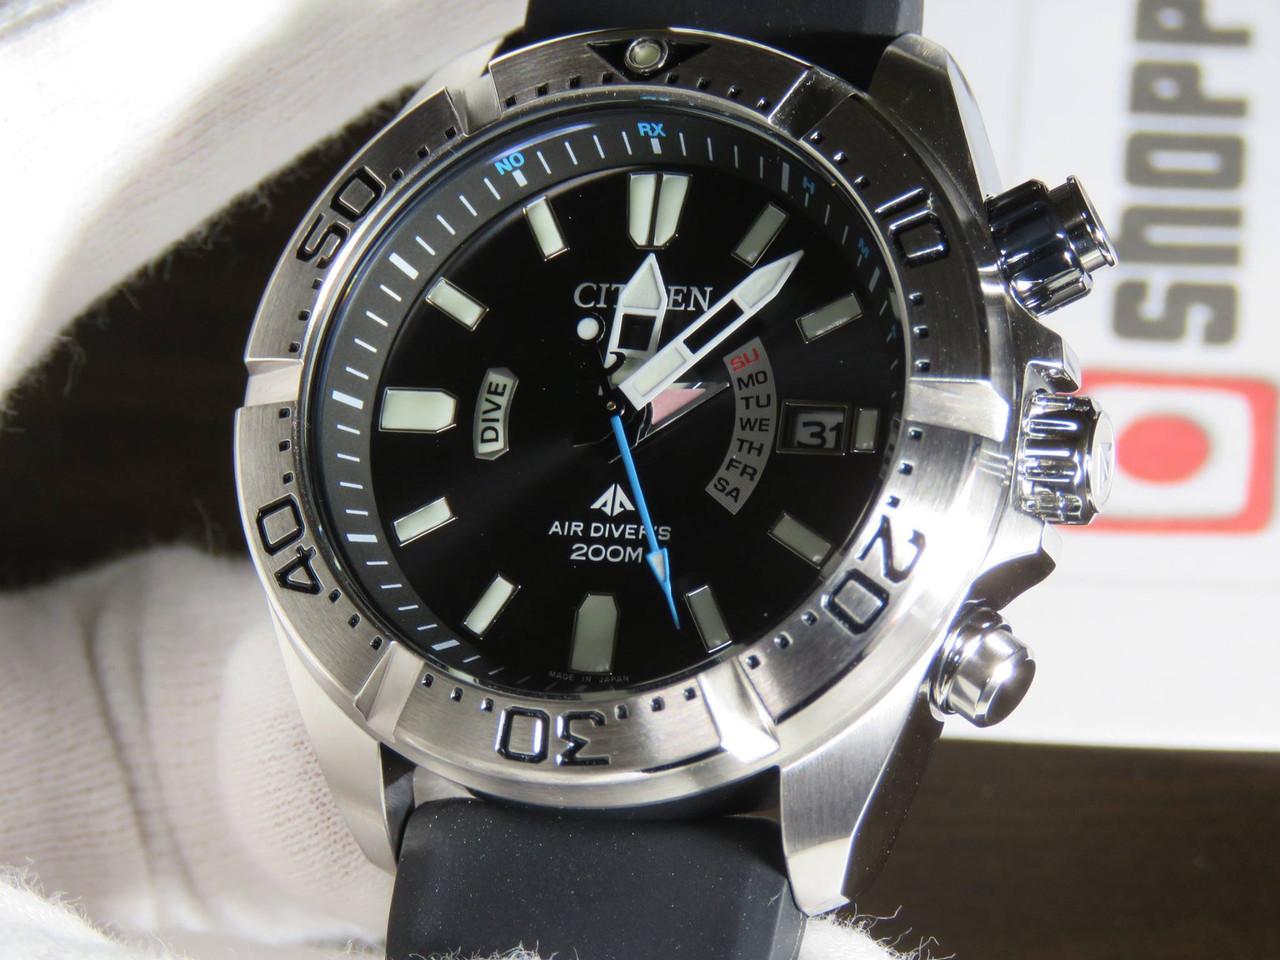 Citizen Promaster Marine PMD56-3083 Eco Drive